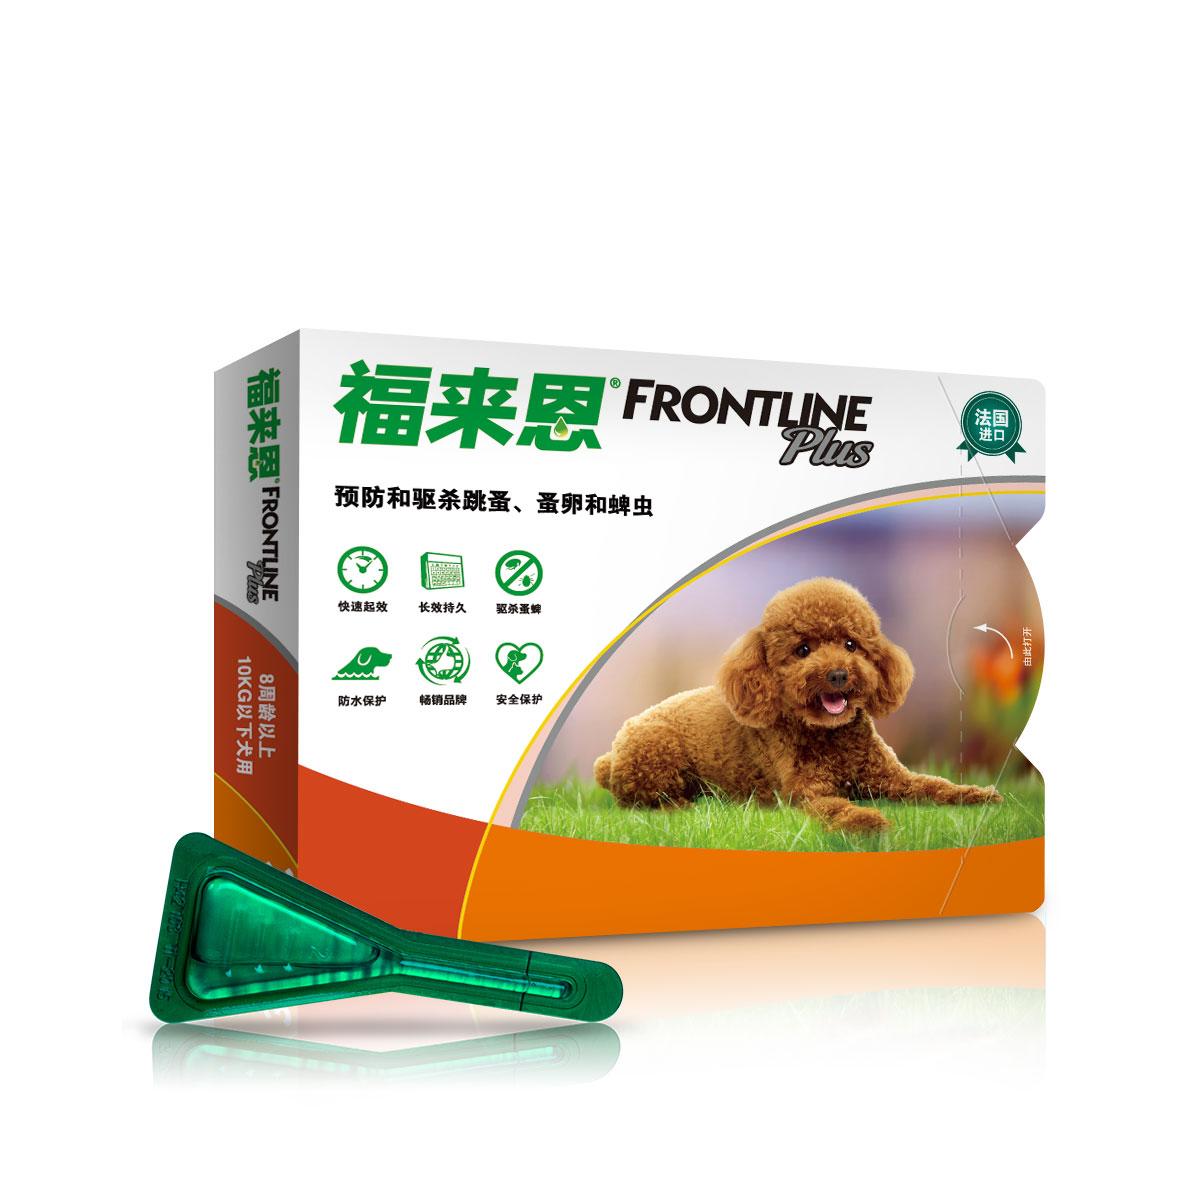 福来恩小型犬用体外驱虫药狗狗去跳蚤除杀蜱虫宠物泰迪福莱恩滴剂